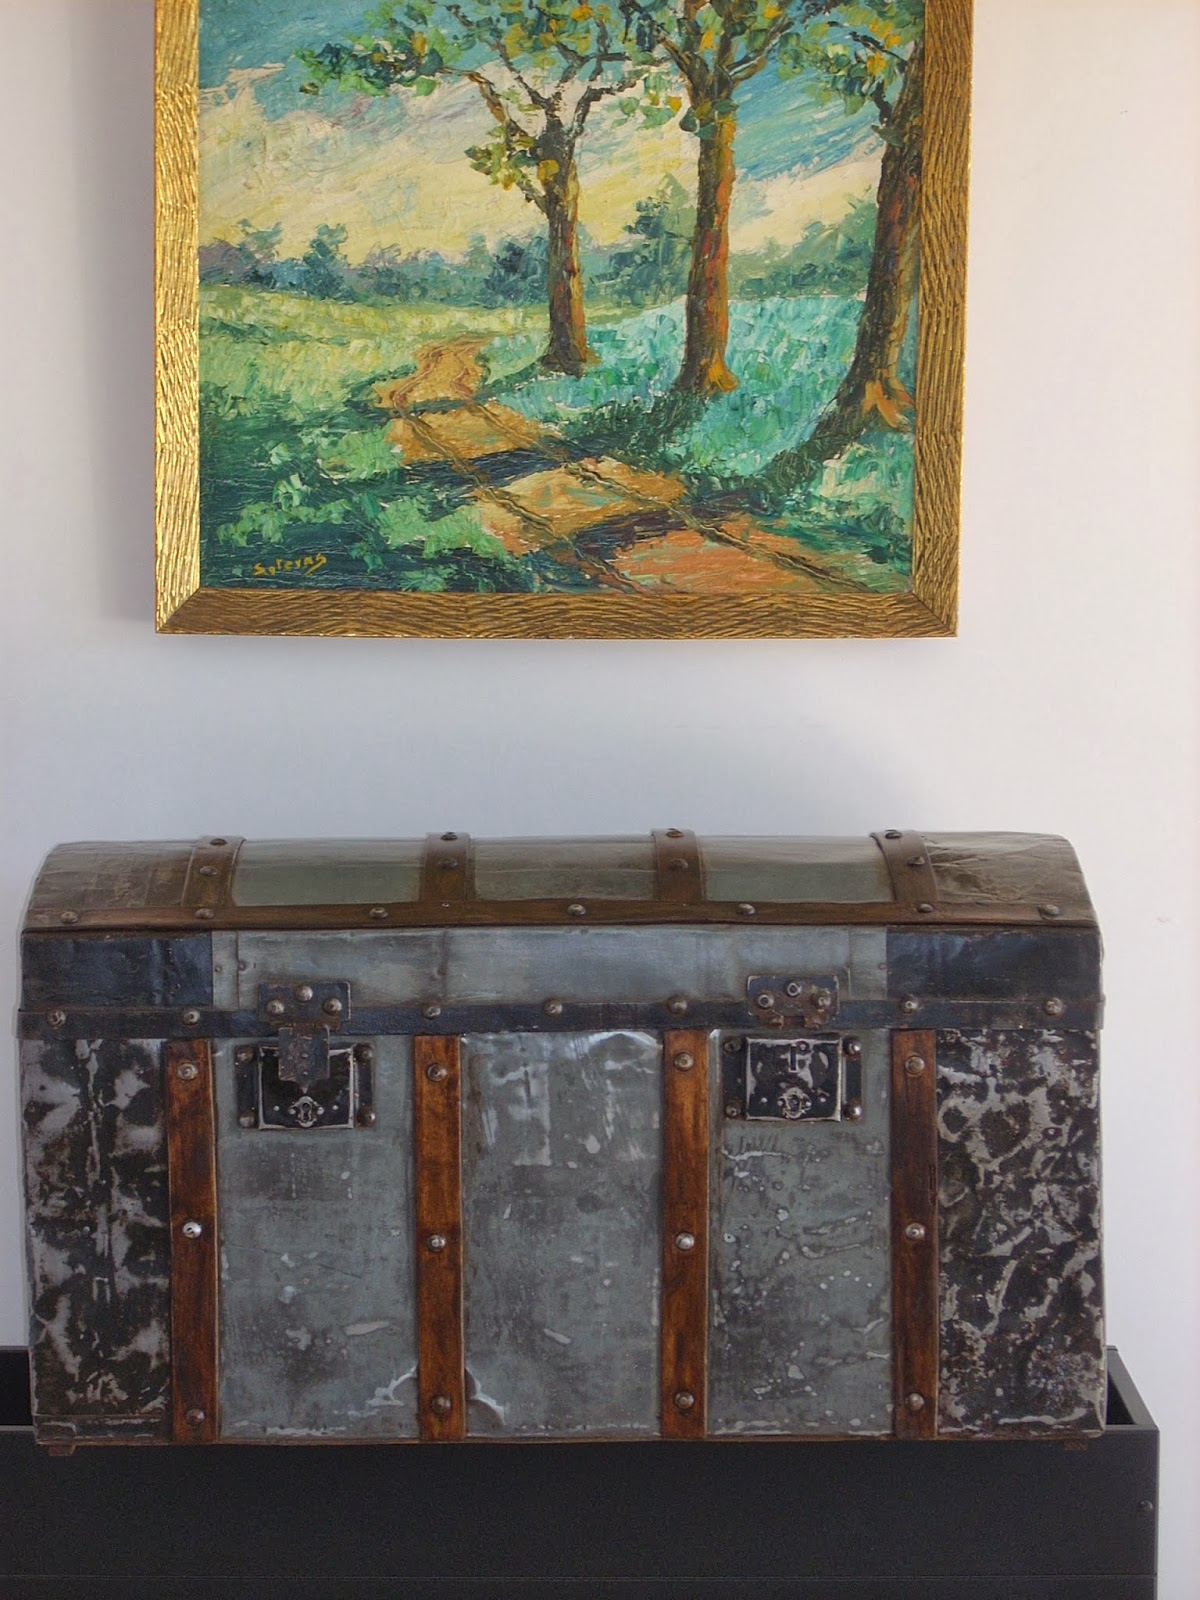 imagenes de muebles antiguos restaurados - Decoracion y Muebles Restaurados Las creaciones de mi